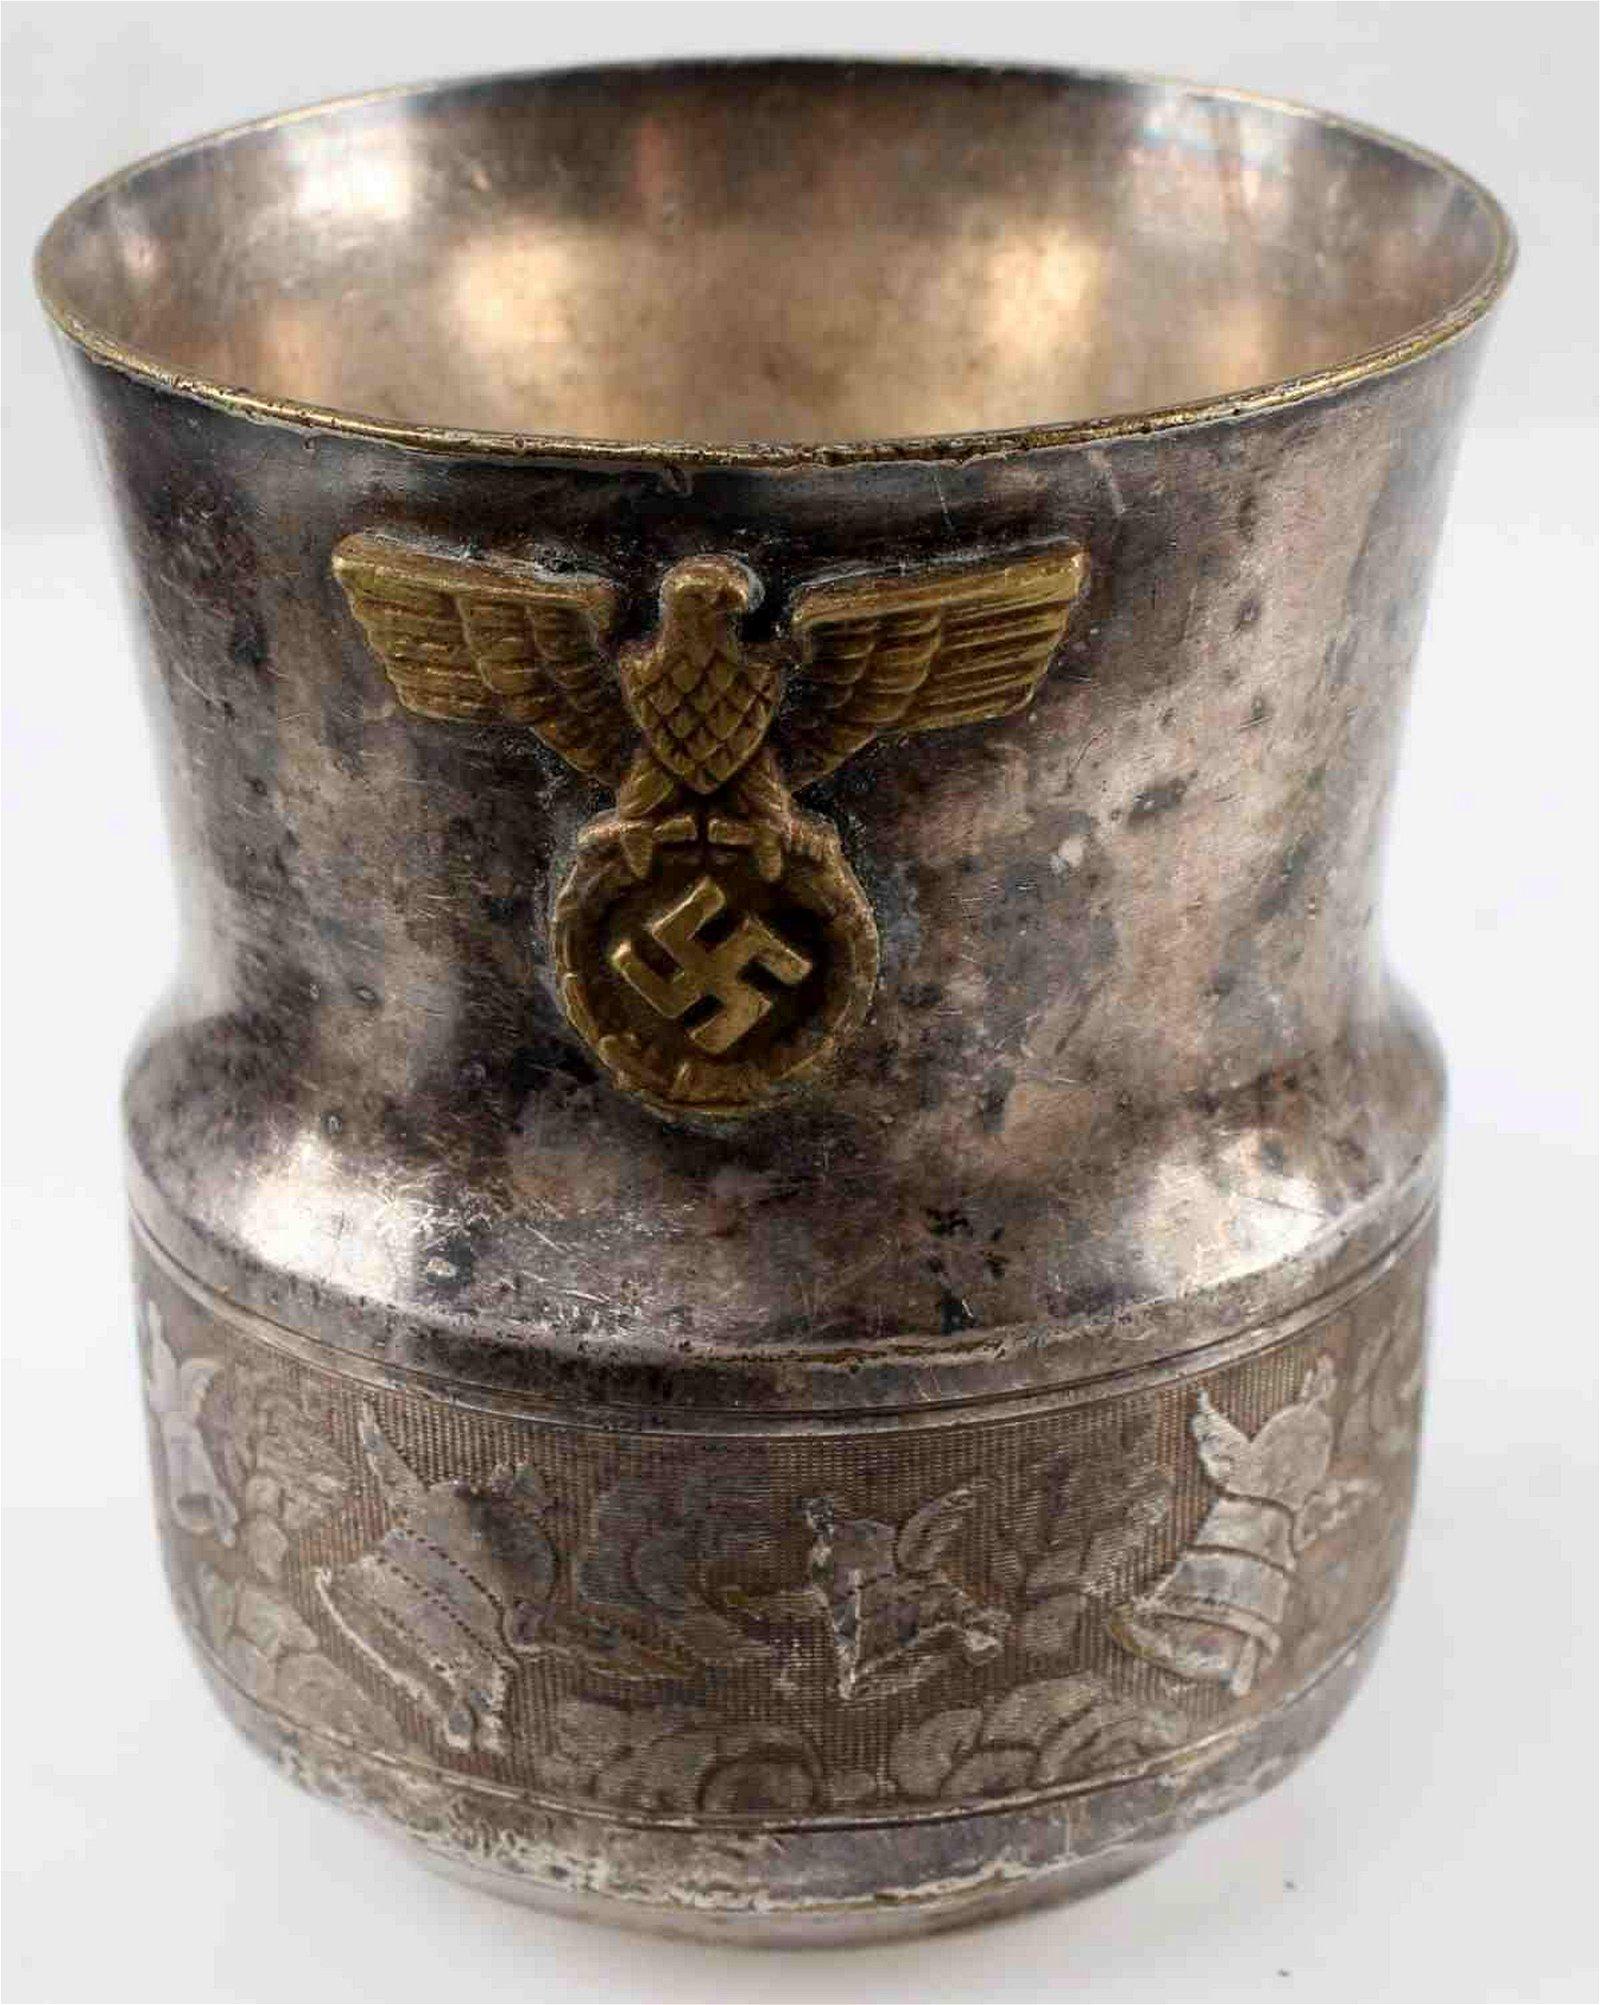 WWII GERMAN THIRD REICH HEER ARMY FLOWER VASE